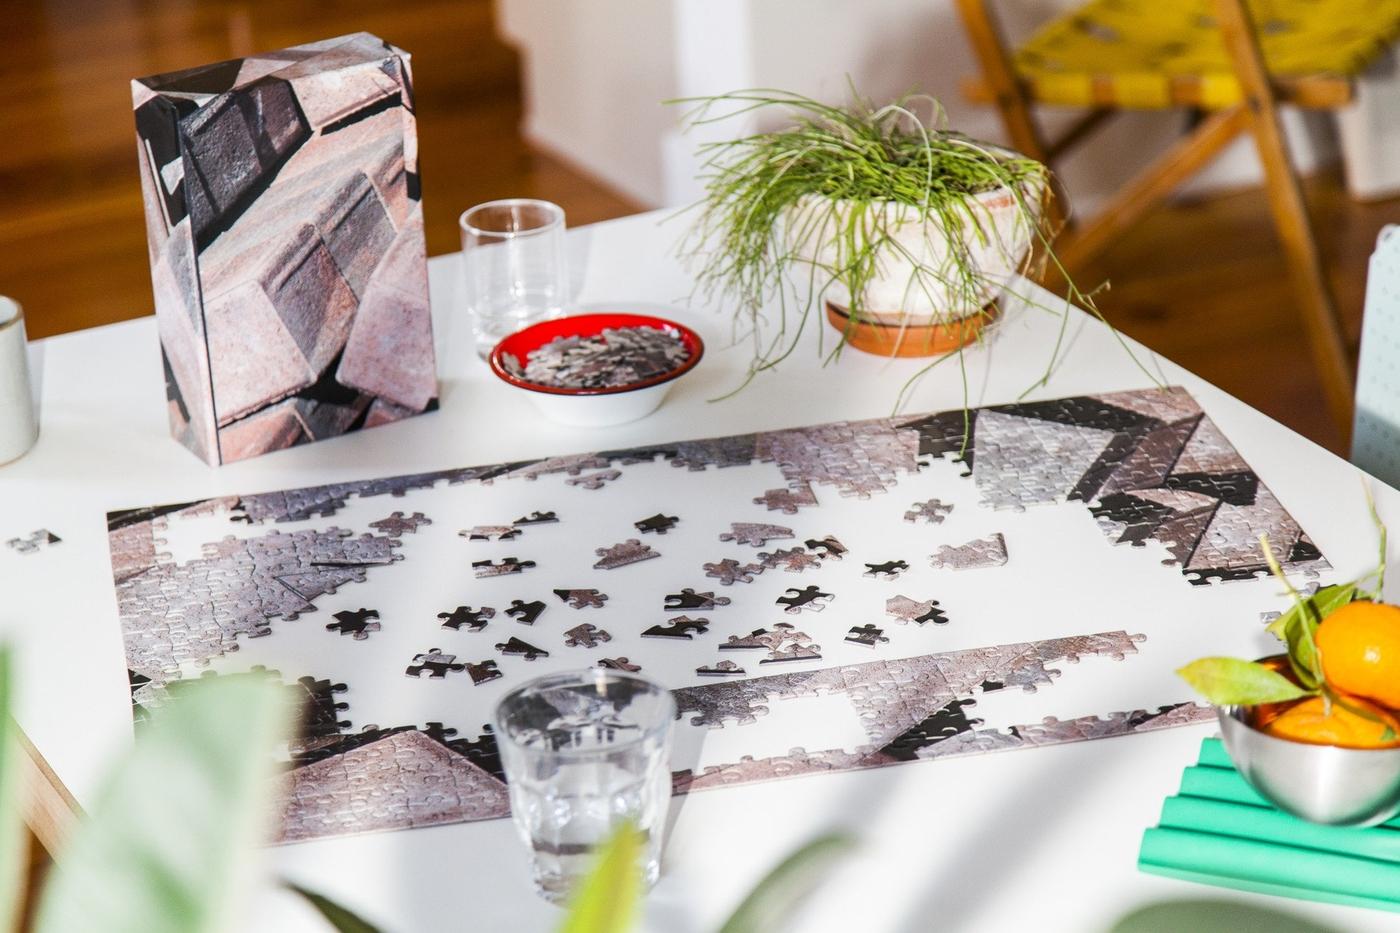 PuzzleInPuzzle-brick-lifestyle-04-17S-KKPPBR_ba0f36e6-6fcf-4cbc-b481-979a60546aac_2048x2048.jpg